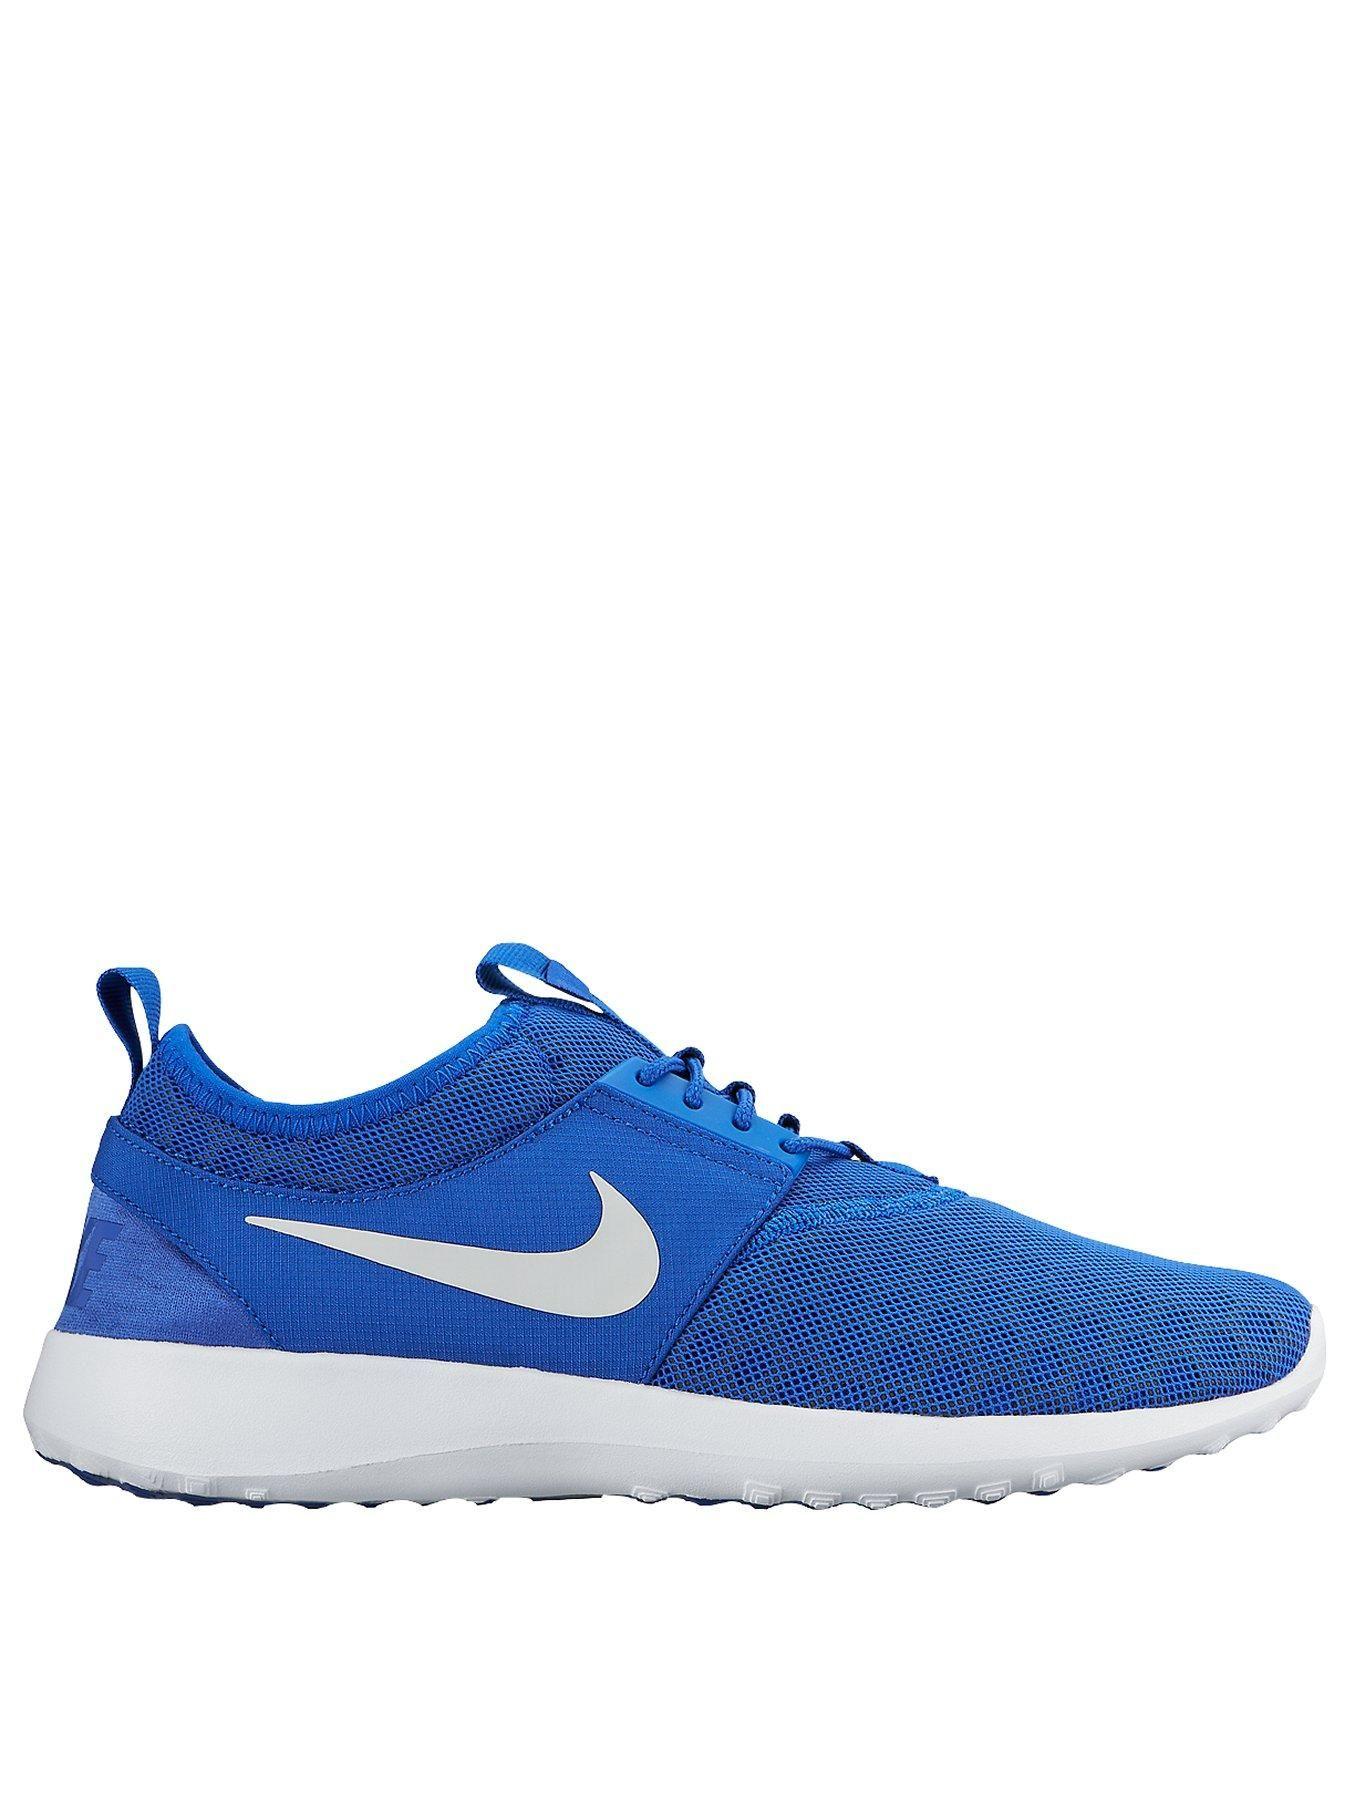 fde20ab9c1 Nike Juvenate Trainers - Platinum